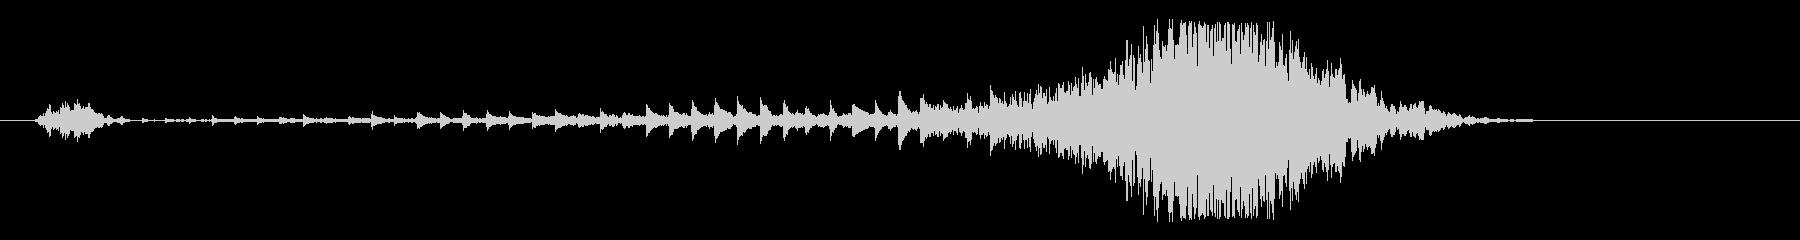 ワープ、次元に呑まれる音の未再生の波形